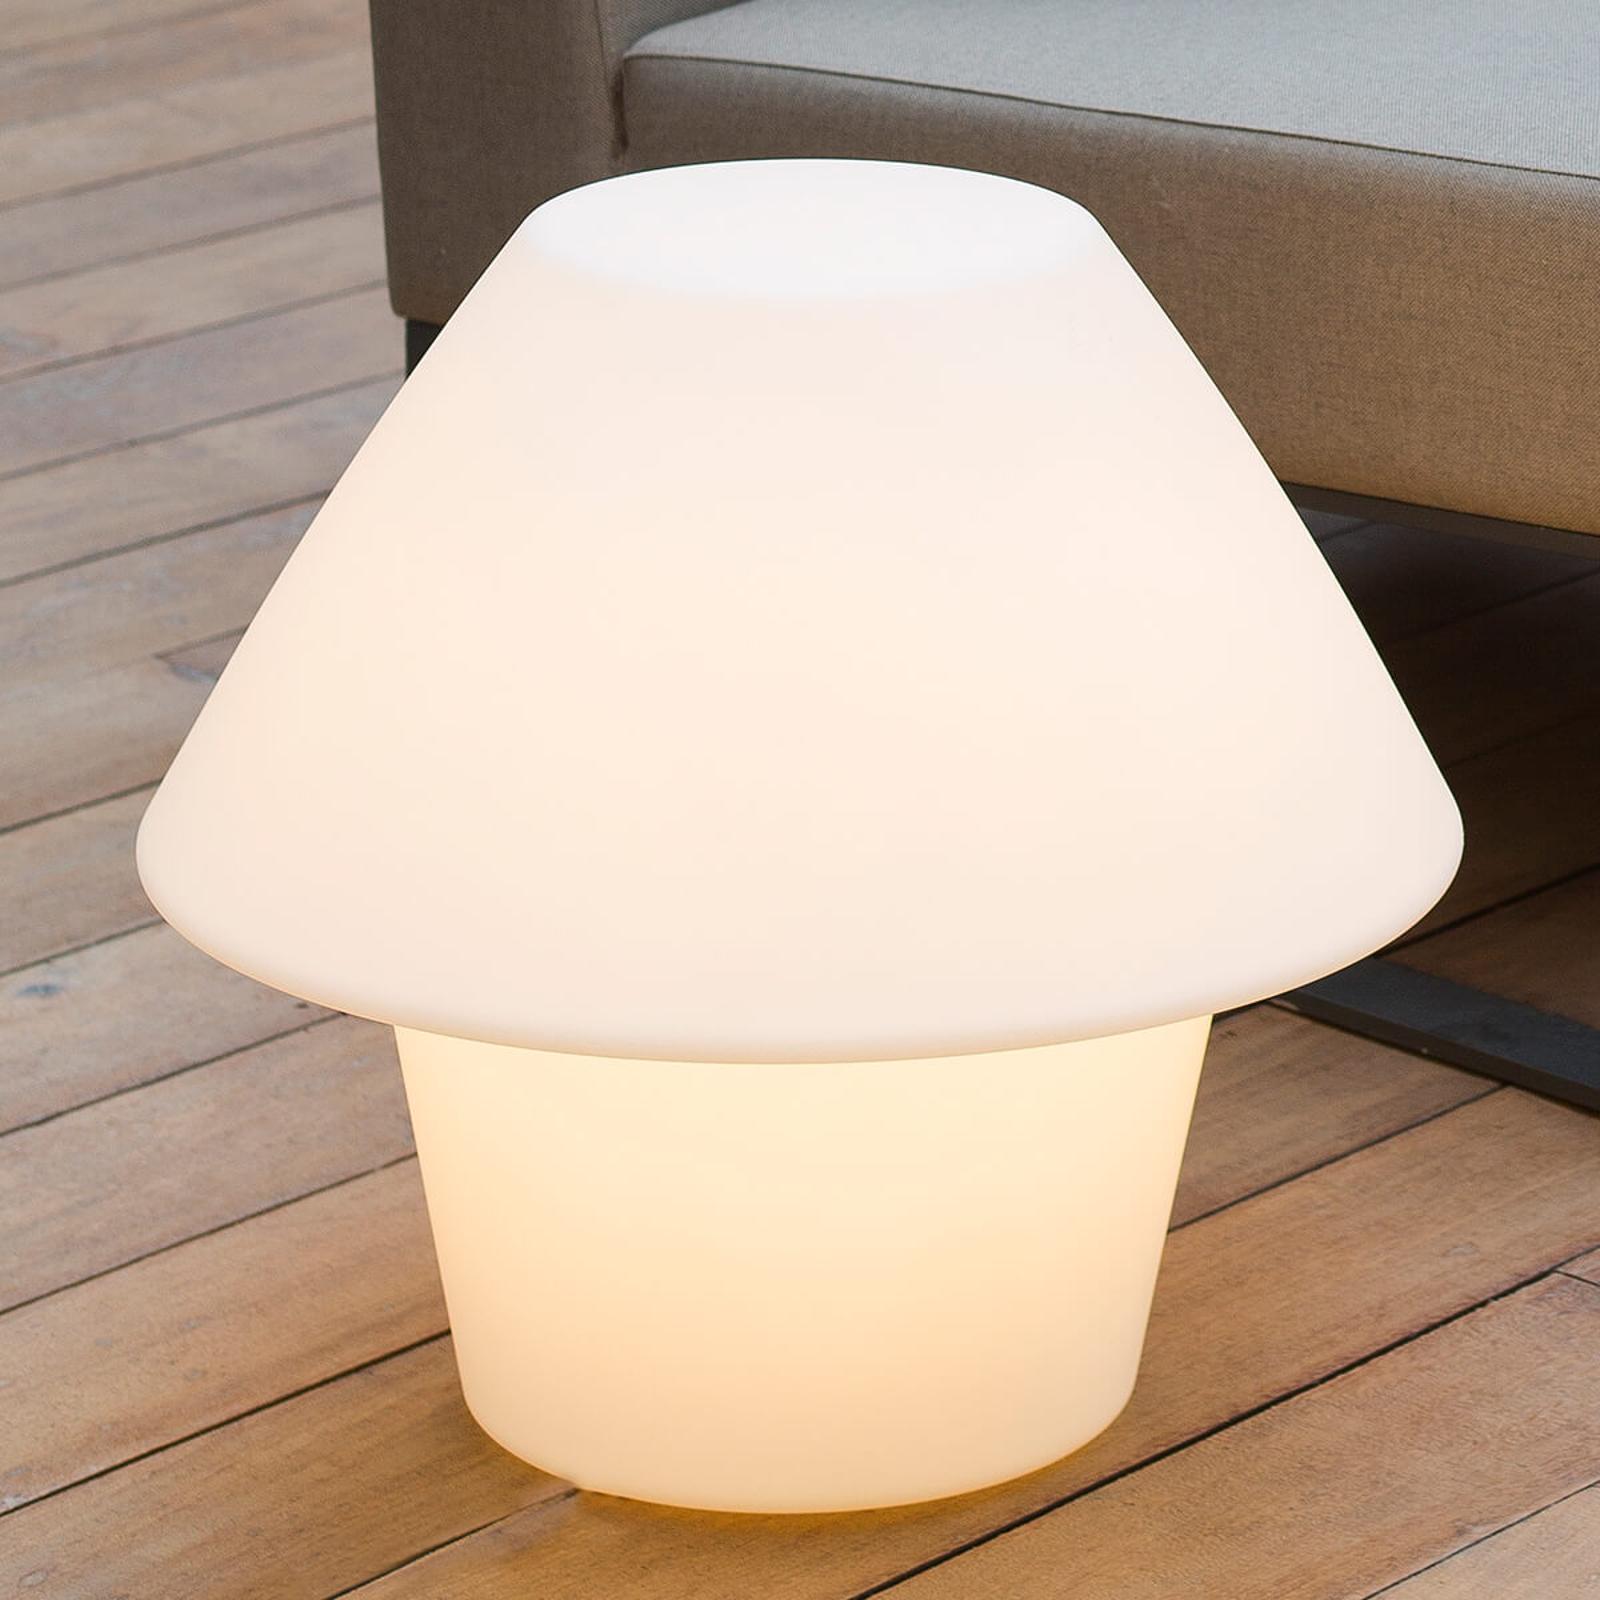 Venkovní dekorativní svítidlo Versus